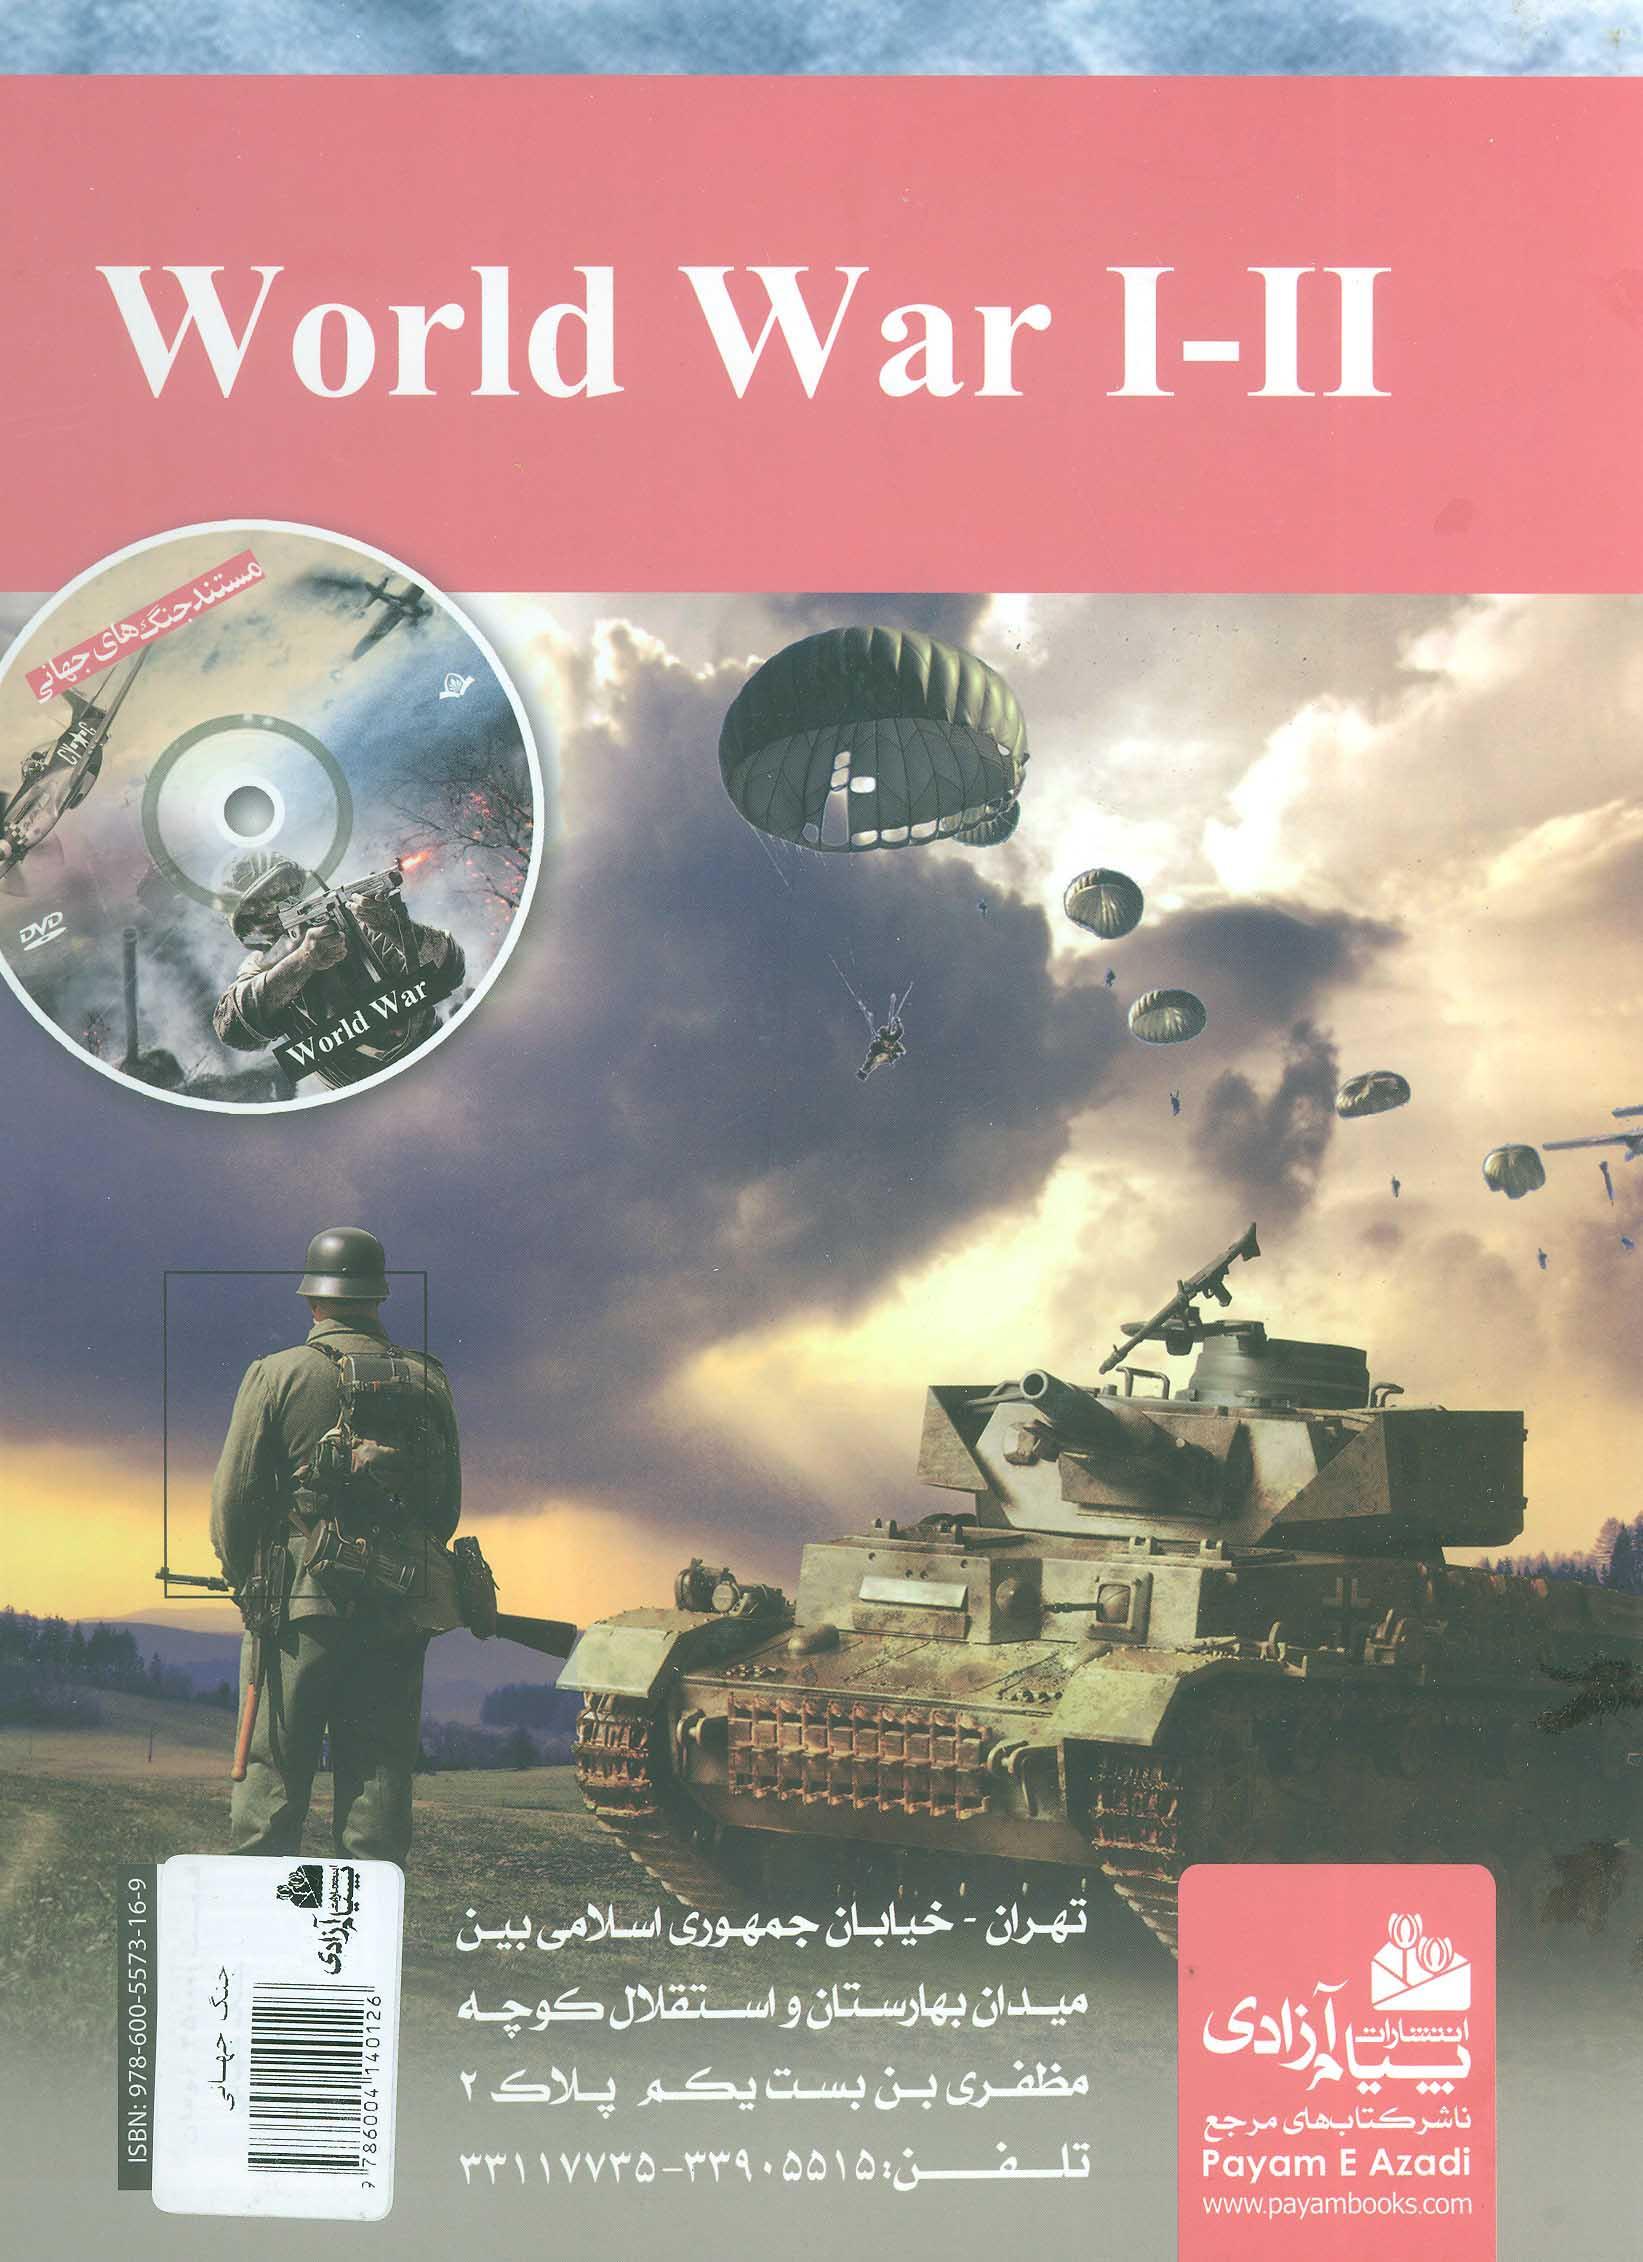 جنگ های جهانی اول و دوم (گلاسه)